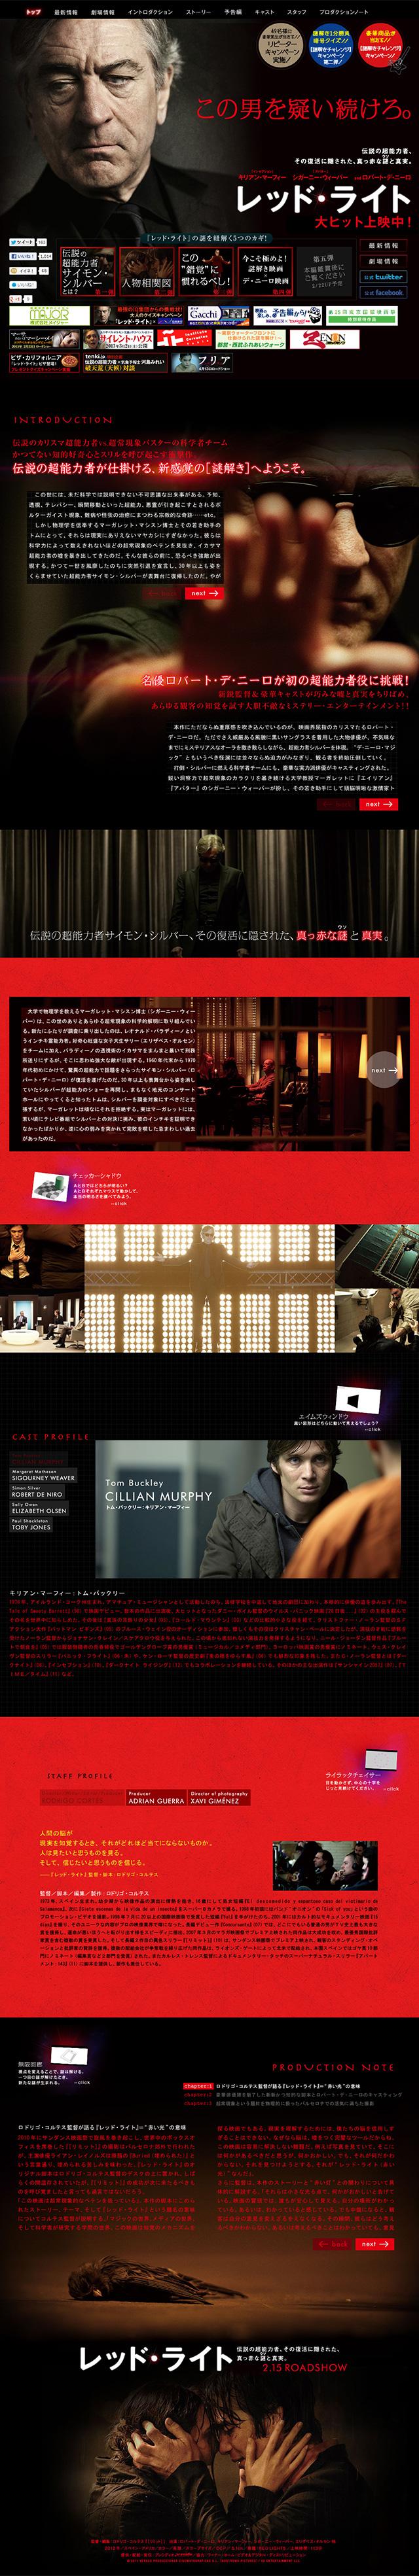 映画『レッド・ライト』公式サイト